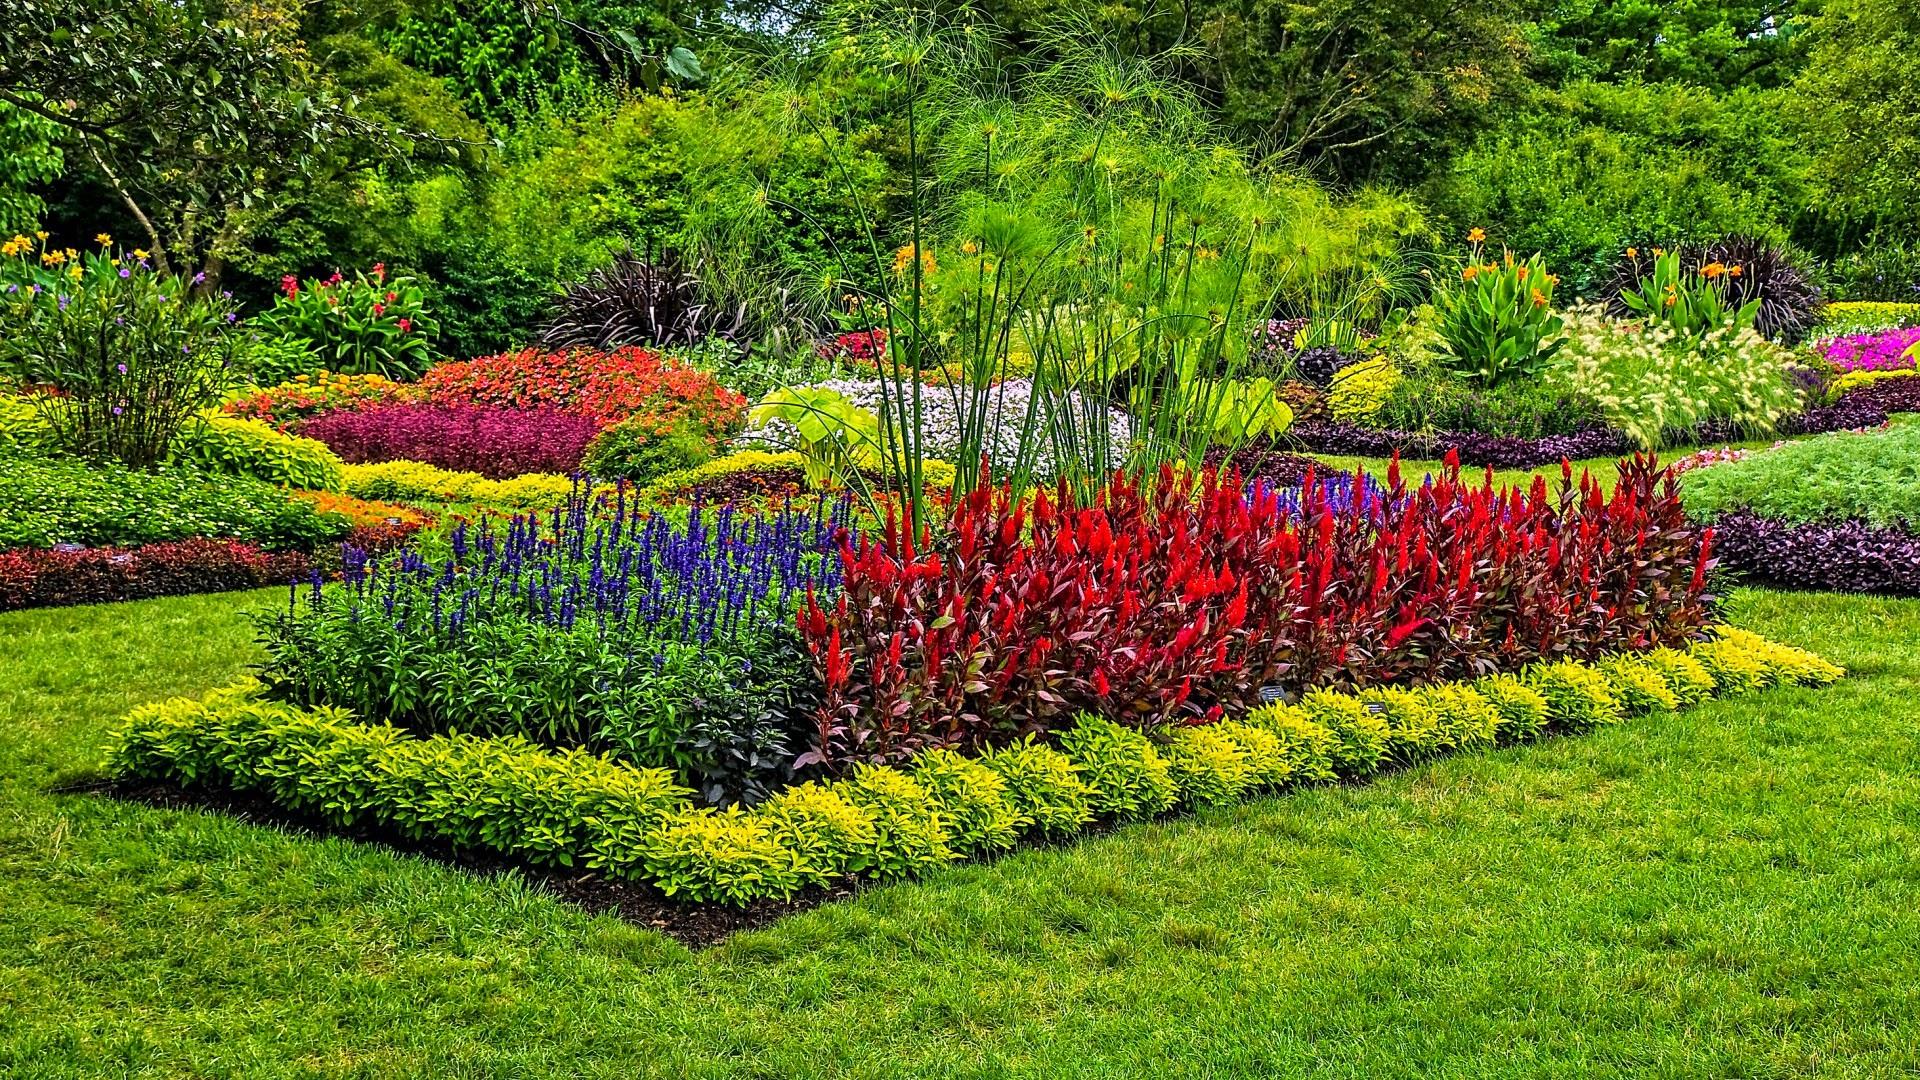 Im genes de jardines muy coloridos fotos e im genes en for Fotos de jardines